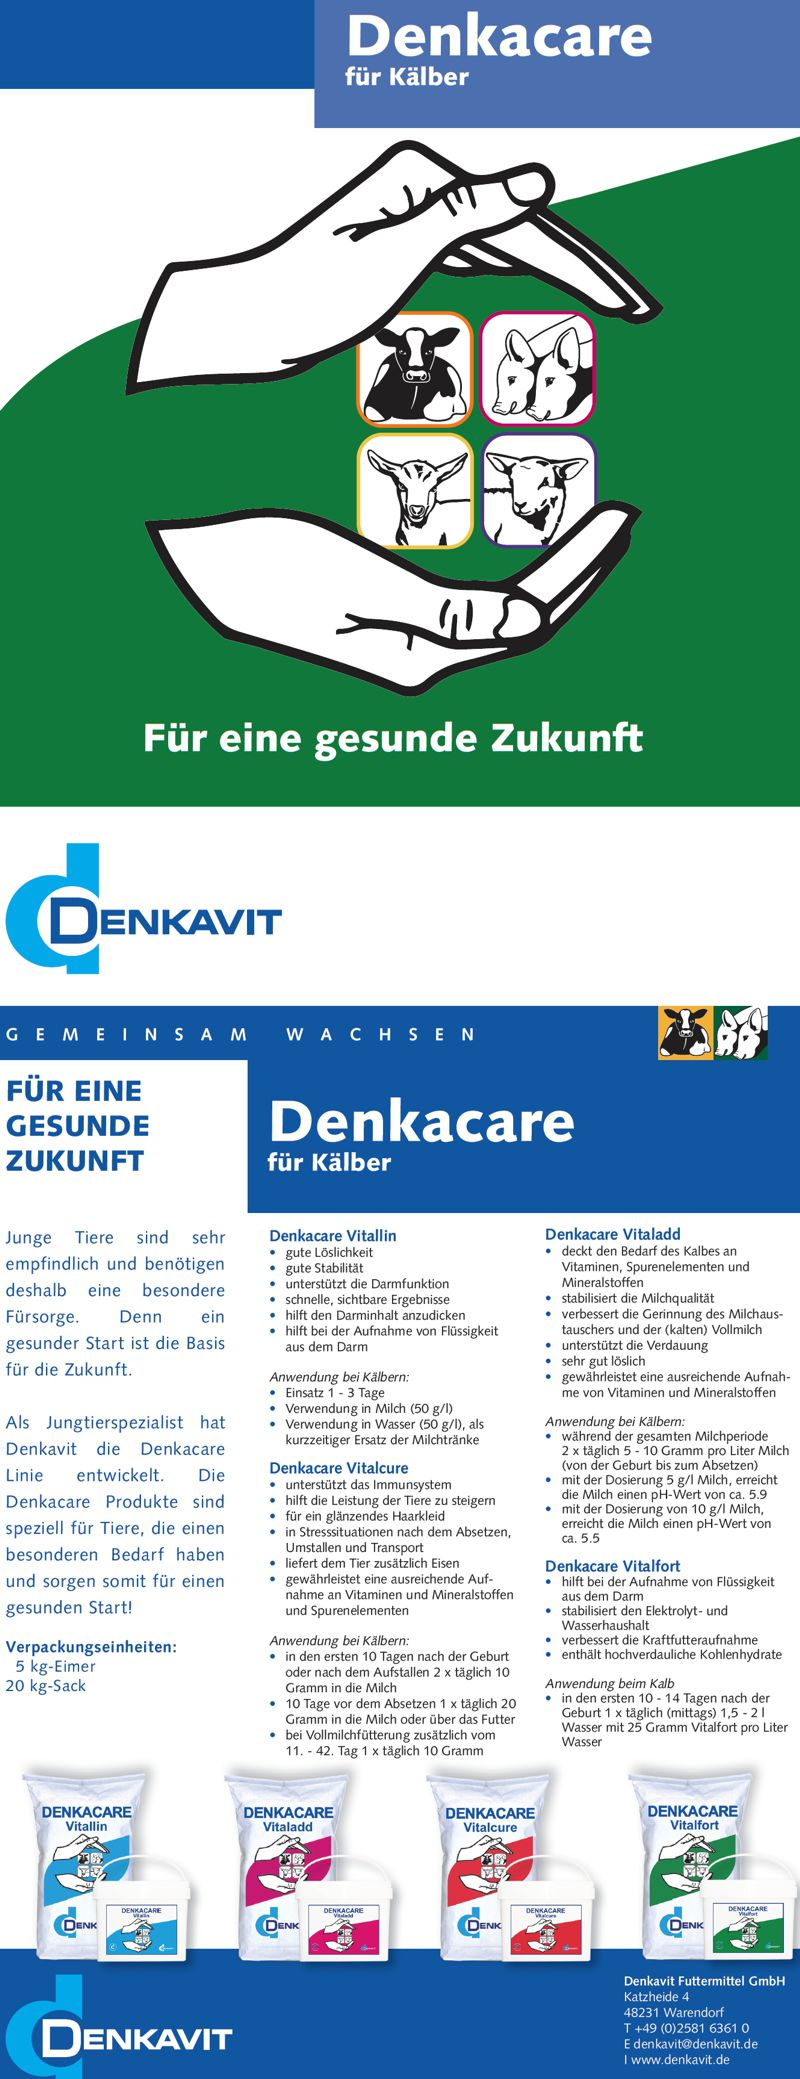 denkacare_programm_klein